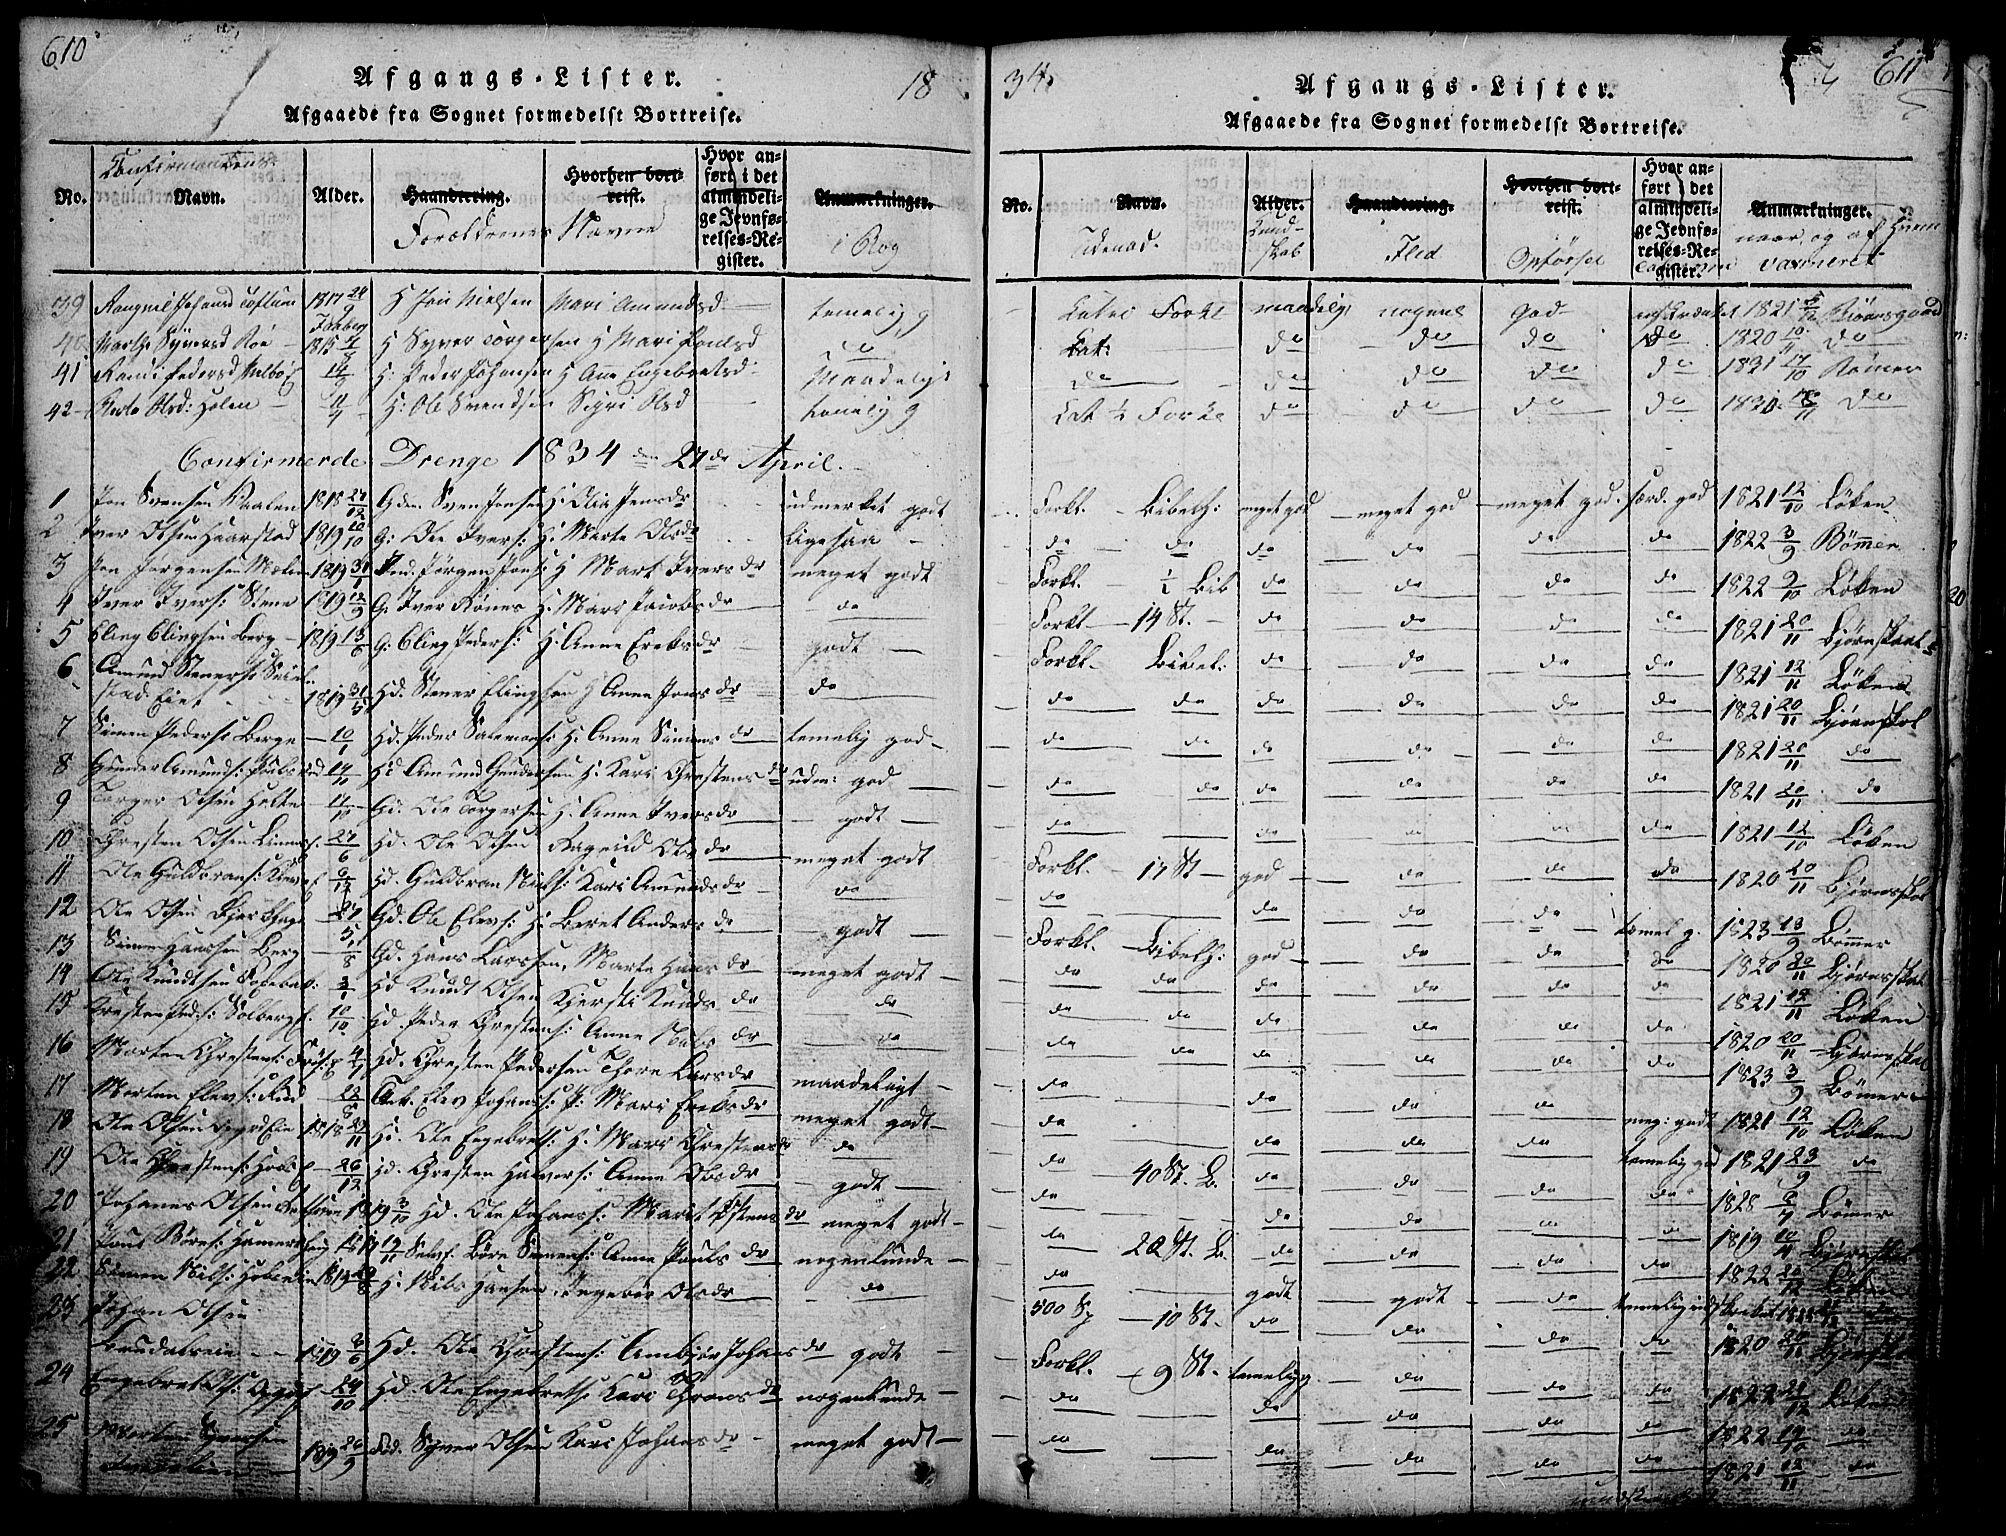 SAH, Gausdal prestekontor, Klokkerbok nr. 1, 1817-1848, s. 610-611